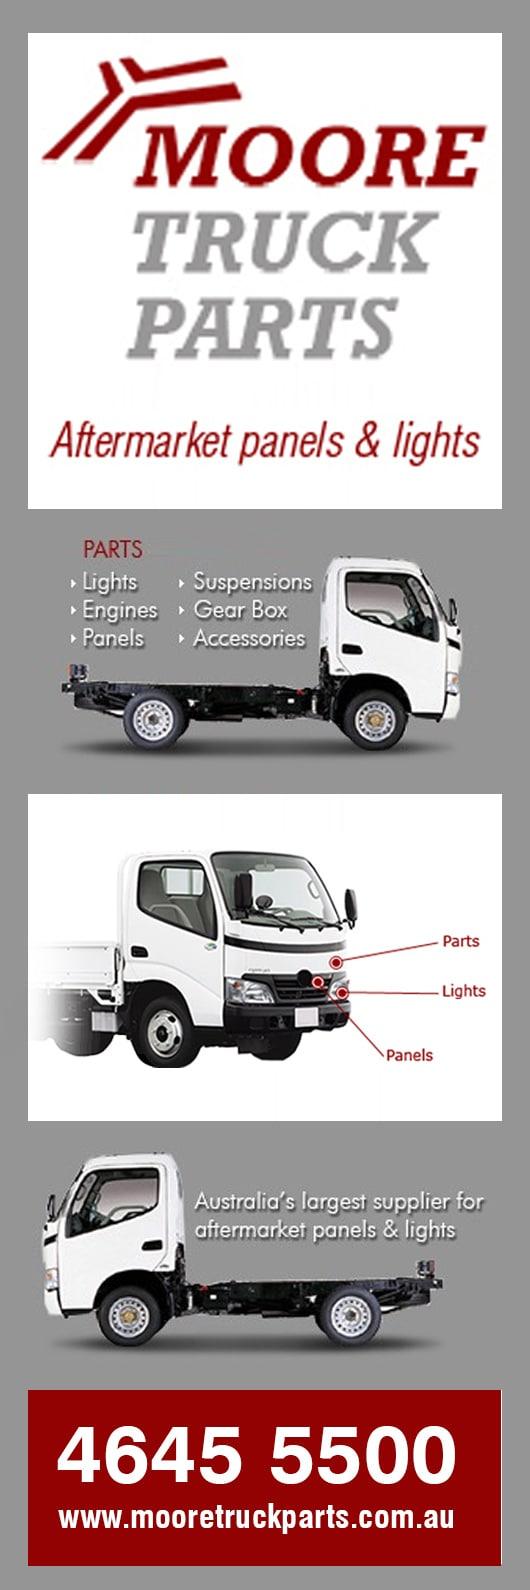 Moore Truck Parts - Truck Parts - ROCKLEA